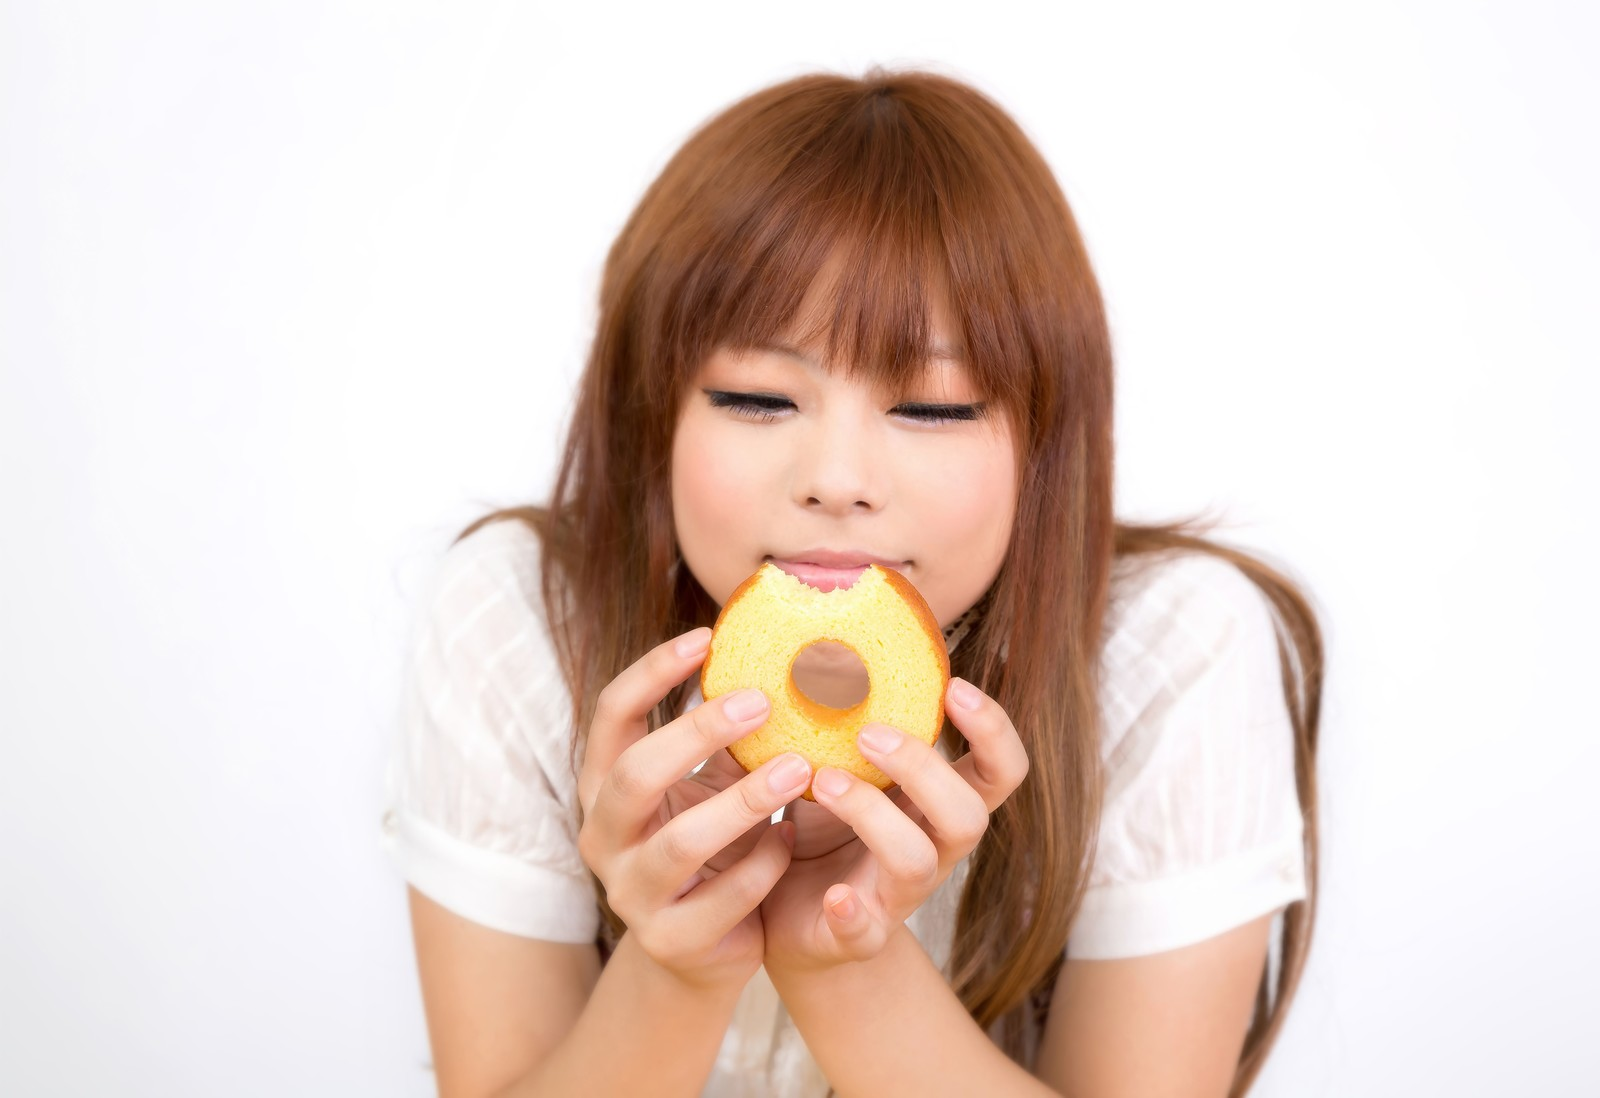 「バームクーヘンを食べて幸せそうな顔の女の子バームクーヘンを食べて幸せそうな顔の女の子」[モデル:あみ]のフリー写真素材を拡大